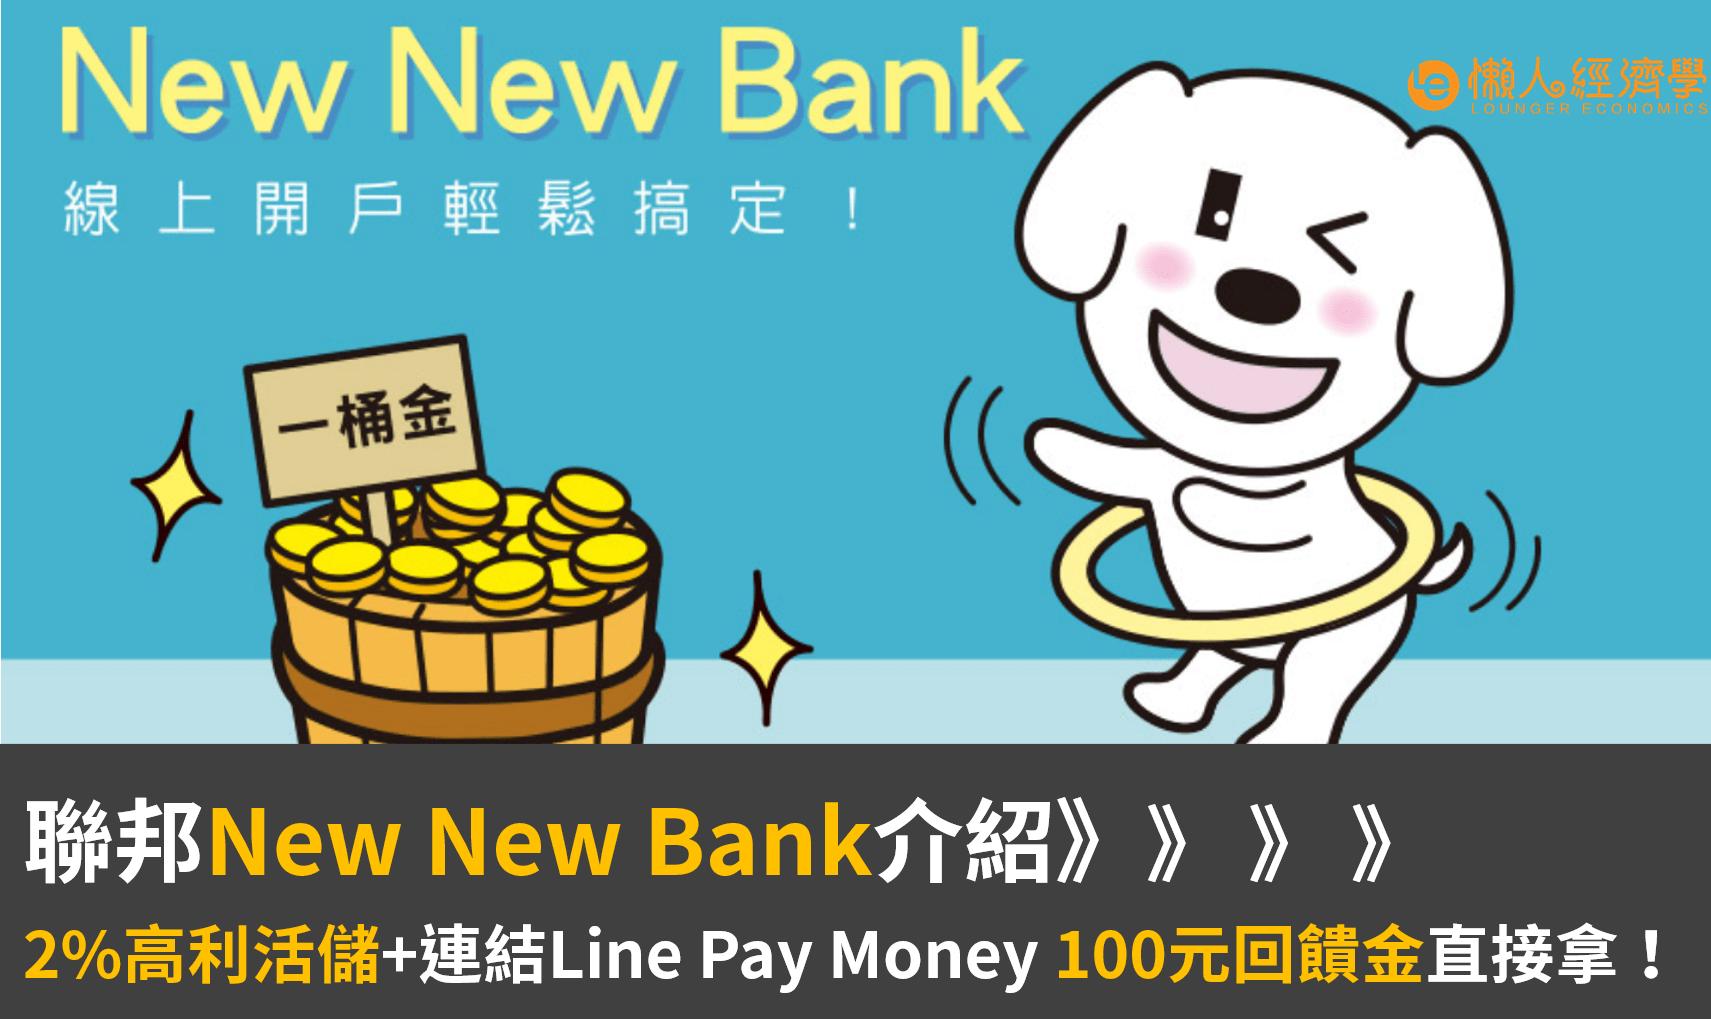 聯邦NEW NEW BANK